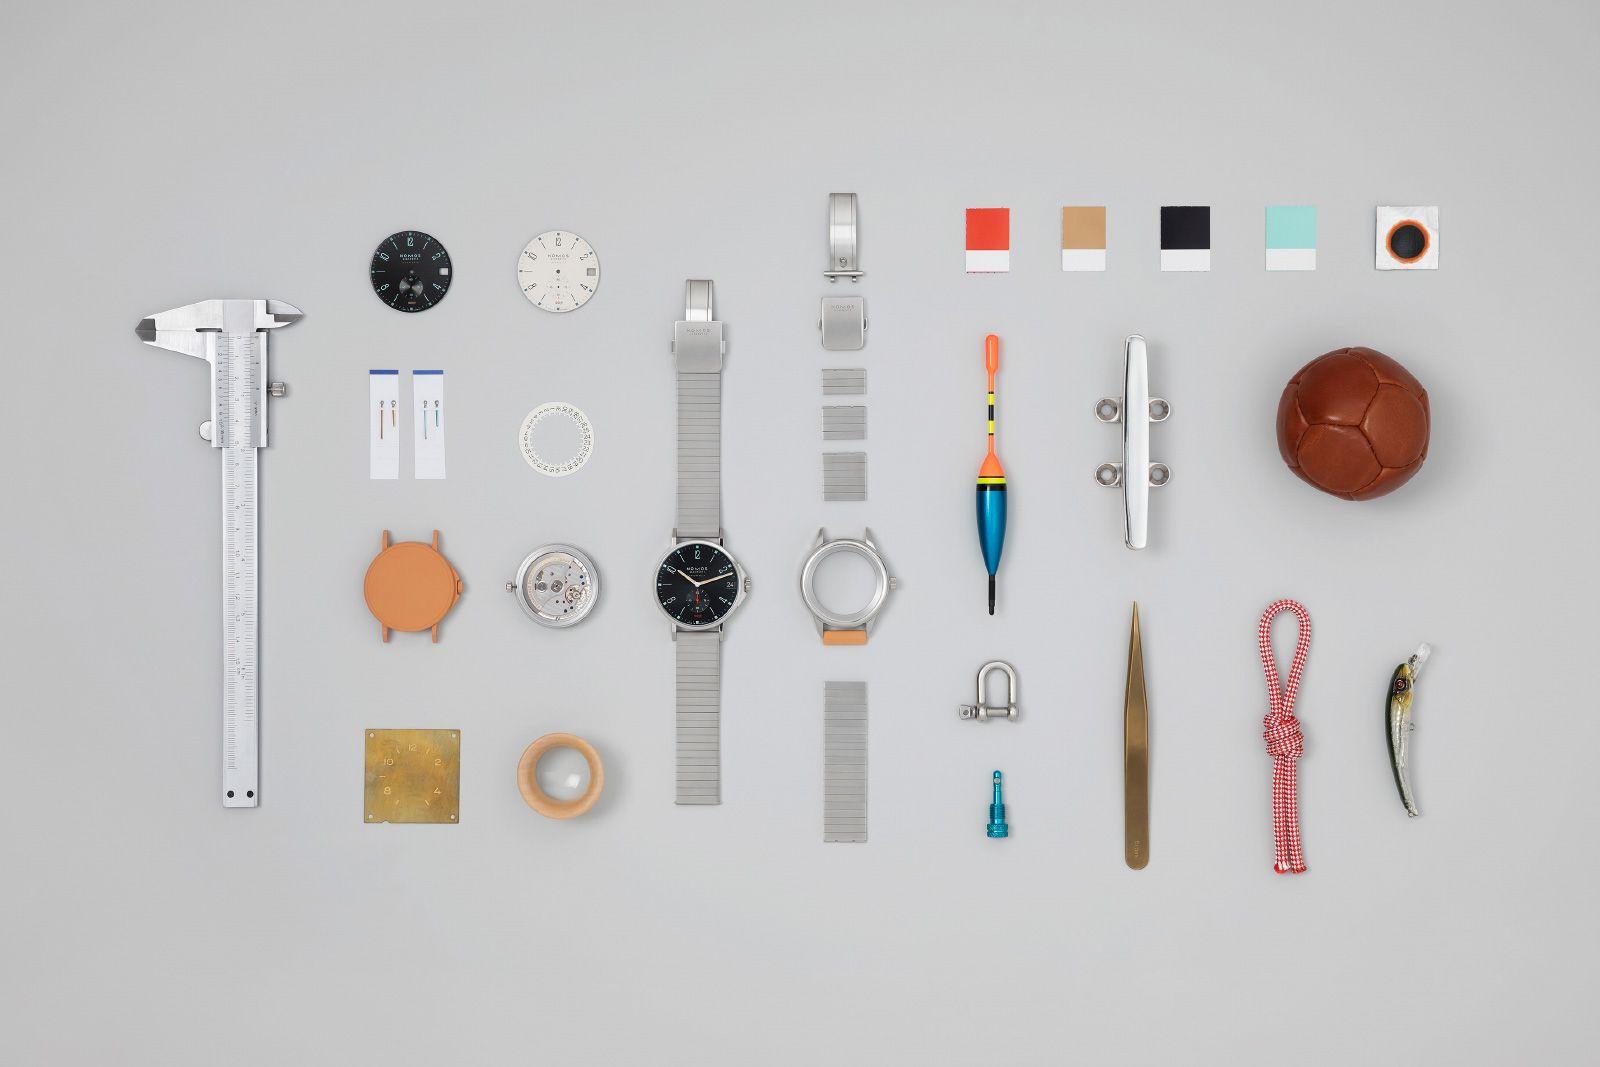 nomos-german-watch-brand-redefining-luxury-watches-05